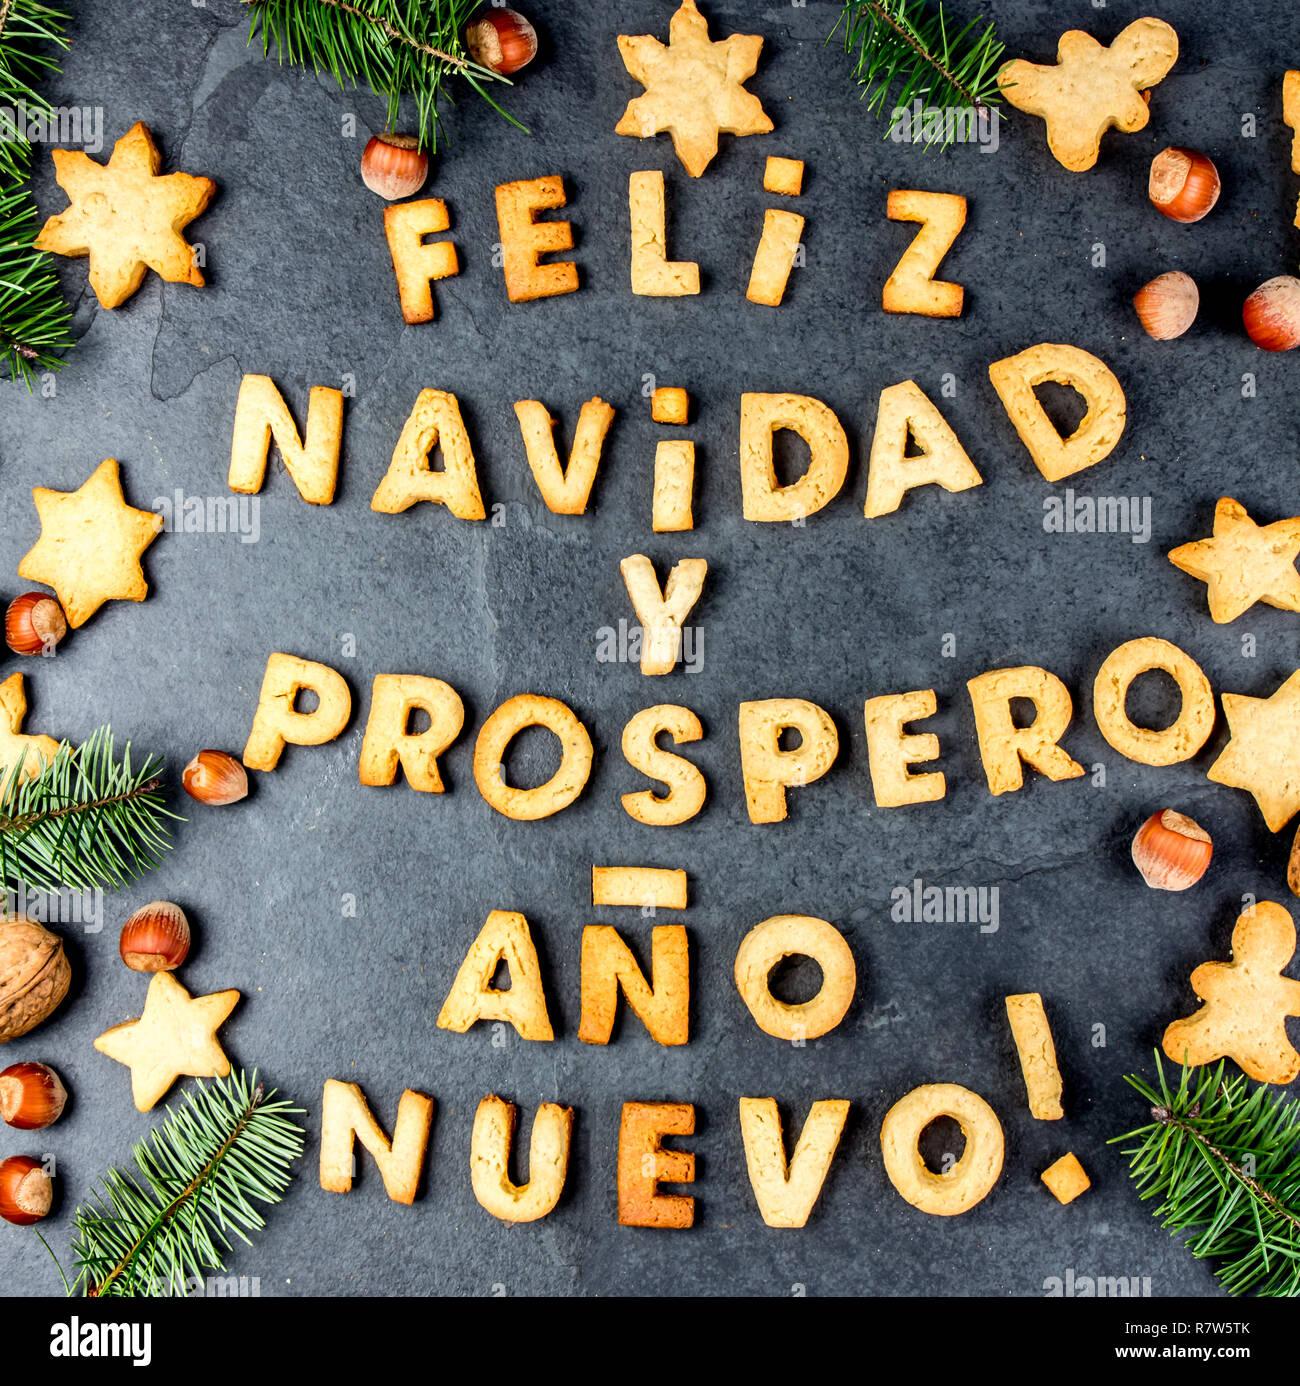 FELIZ NAVIDAD EN ESPAÑOL LAS COOKIES. Palabras Feliz Navidad y feliz año nuevo en Español con galletas, tarjeta de Navidad para los países de habla hispana vista desde arriba. Imagen De Stock